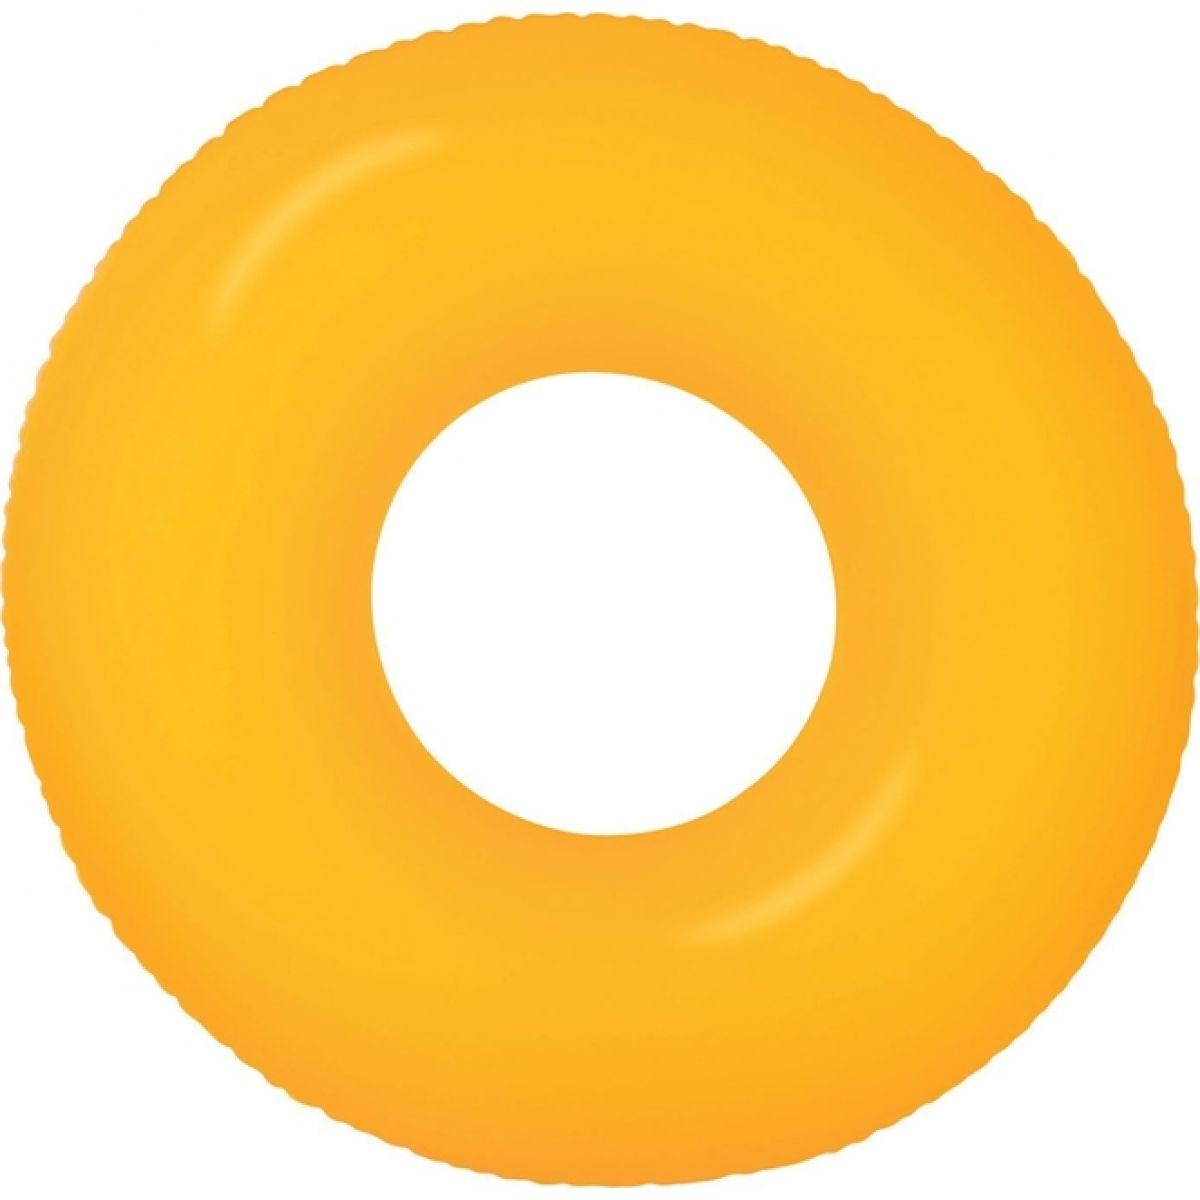 Plávacie koleso 91cm Neon Frost Intex 59262 - Oranžová